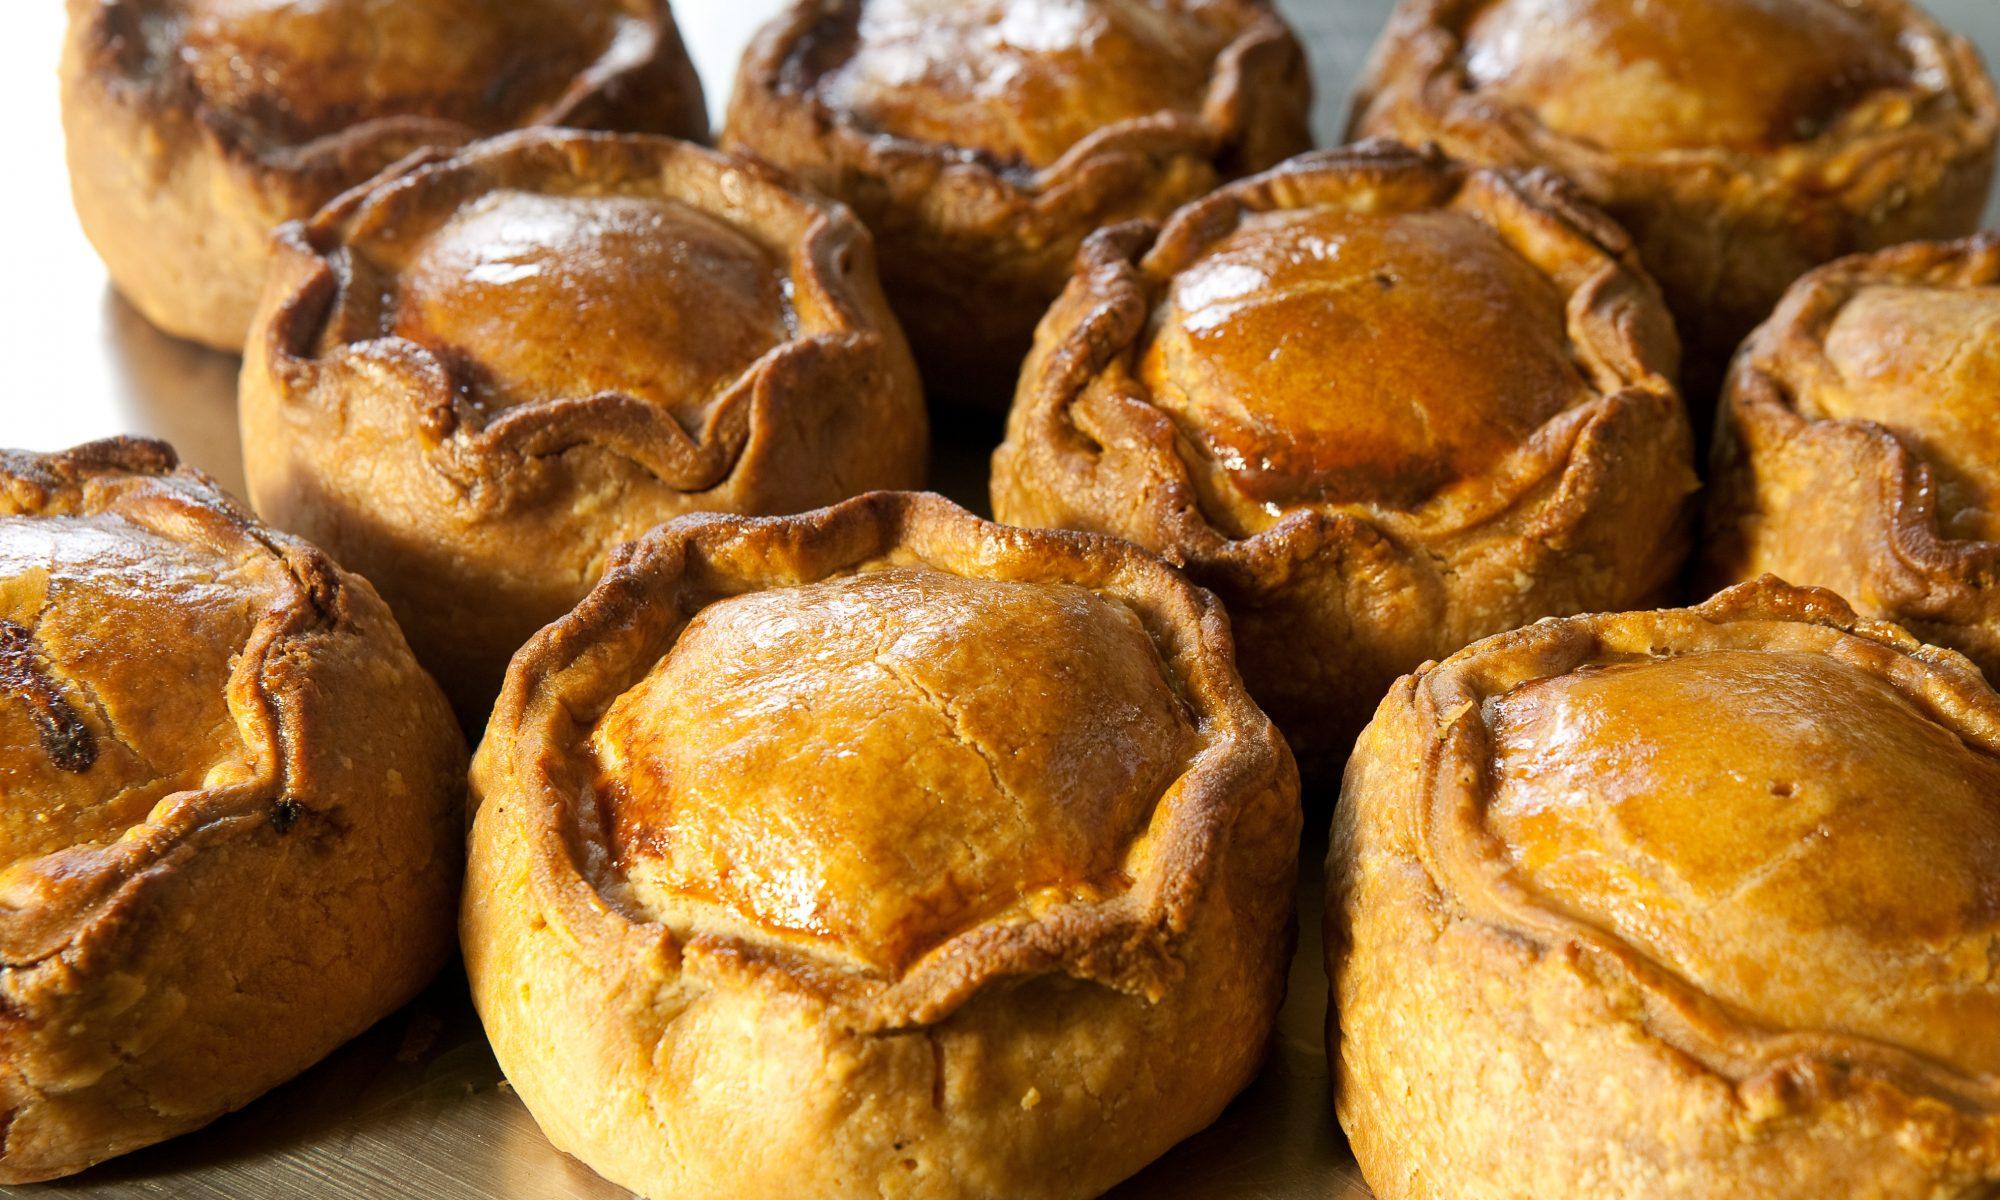 The Melton Mowbray Pork Pie Association